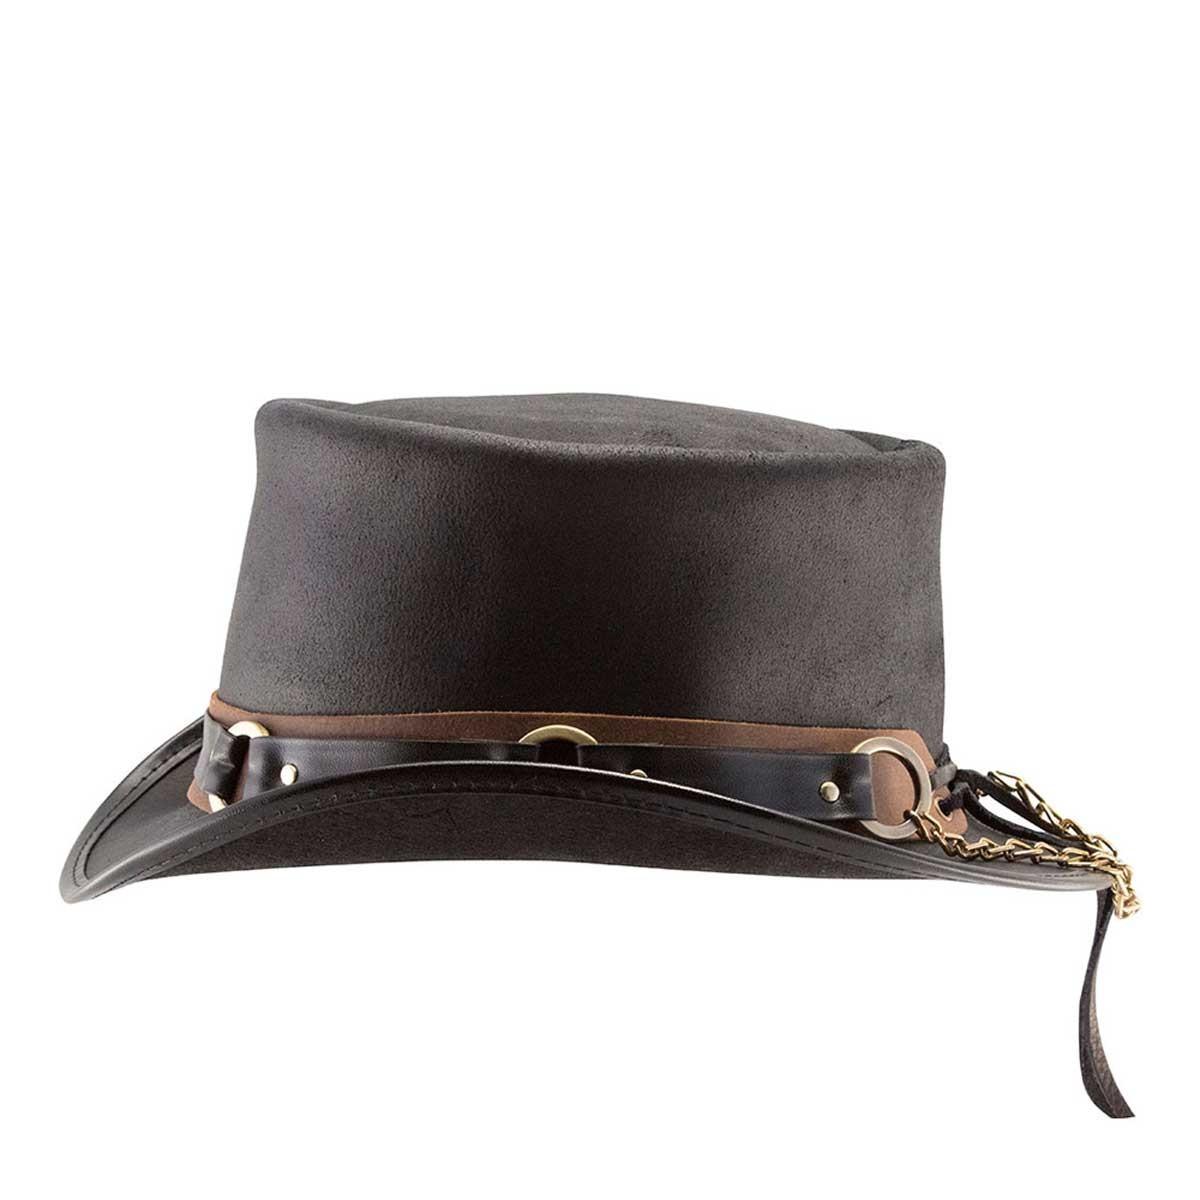 スチームパンク 帽子 HEAD N HOME El Dorado SR2 BLACK  10000925 ... fe5375ec3112